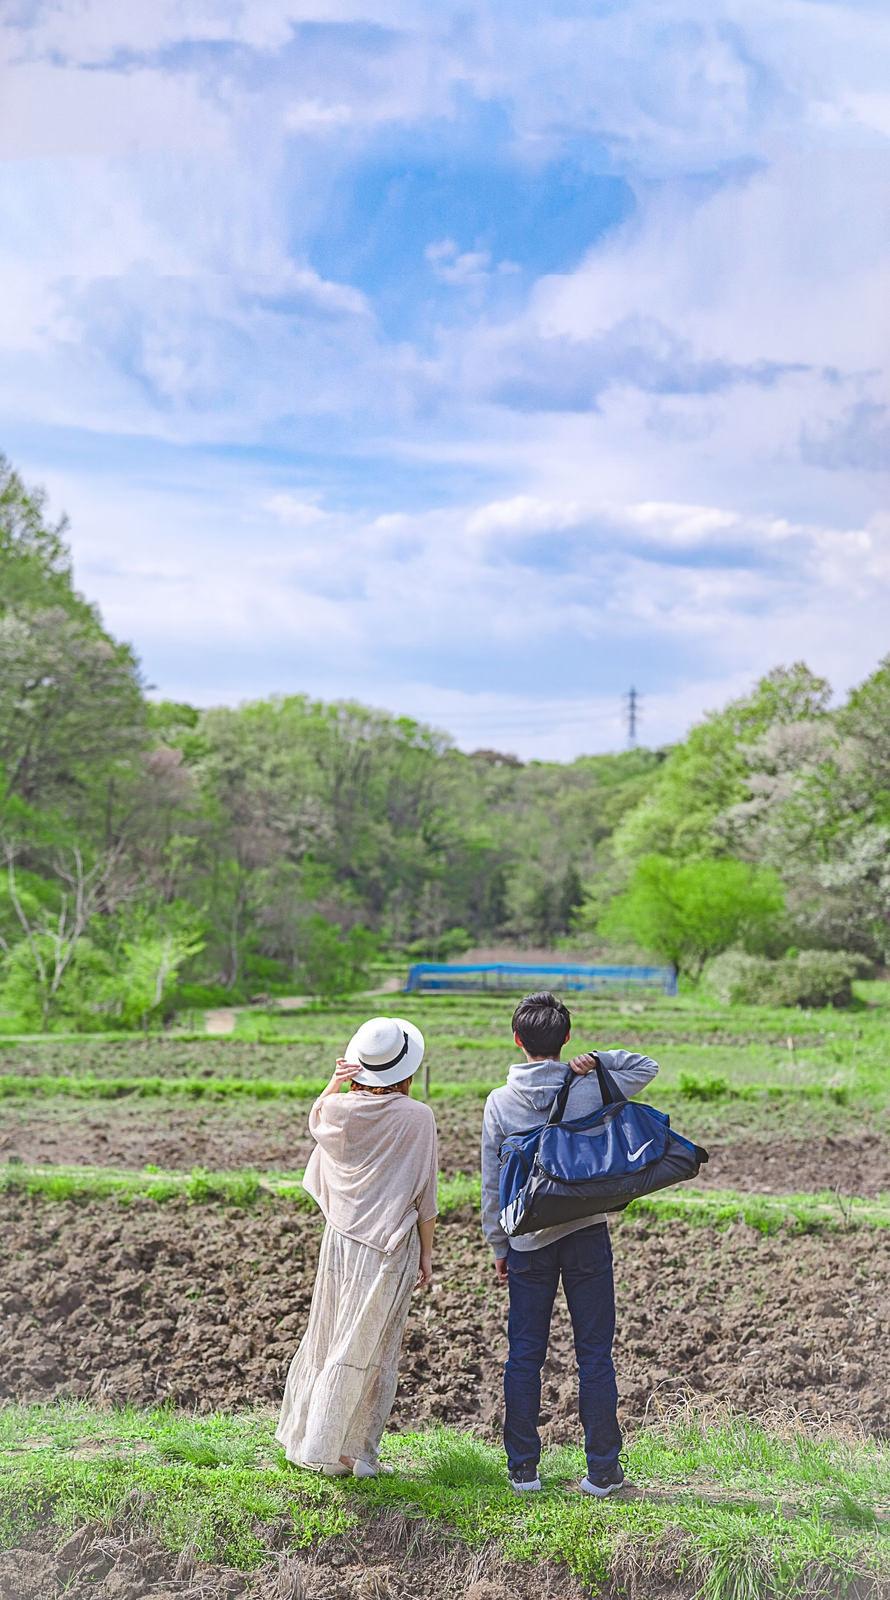 東京に就職が決まった彼と幼い頃によく遊んだ田んぼを眺める彼女のフリー素材